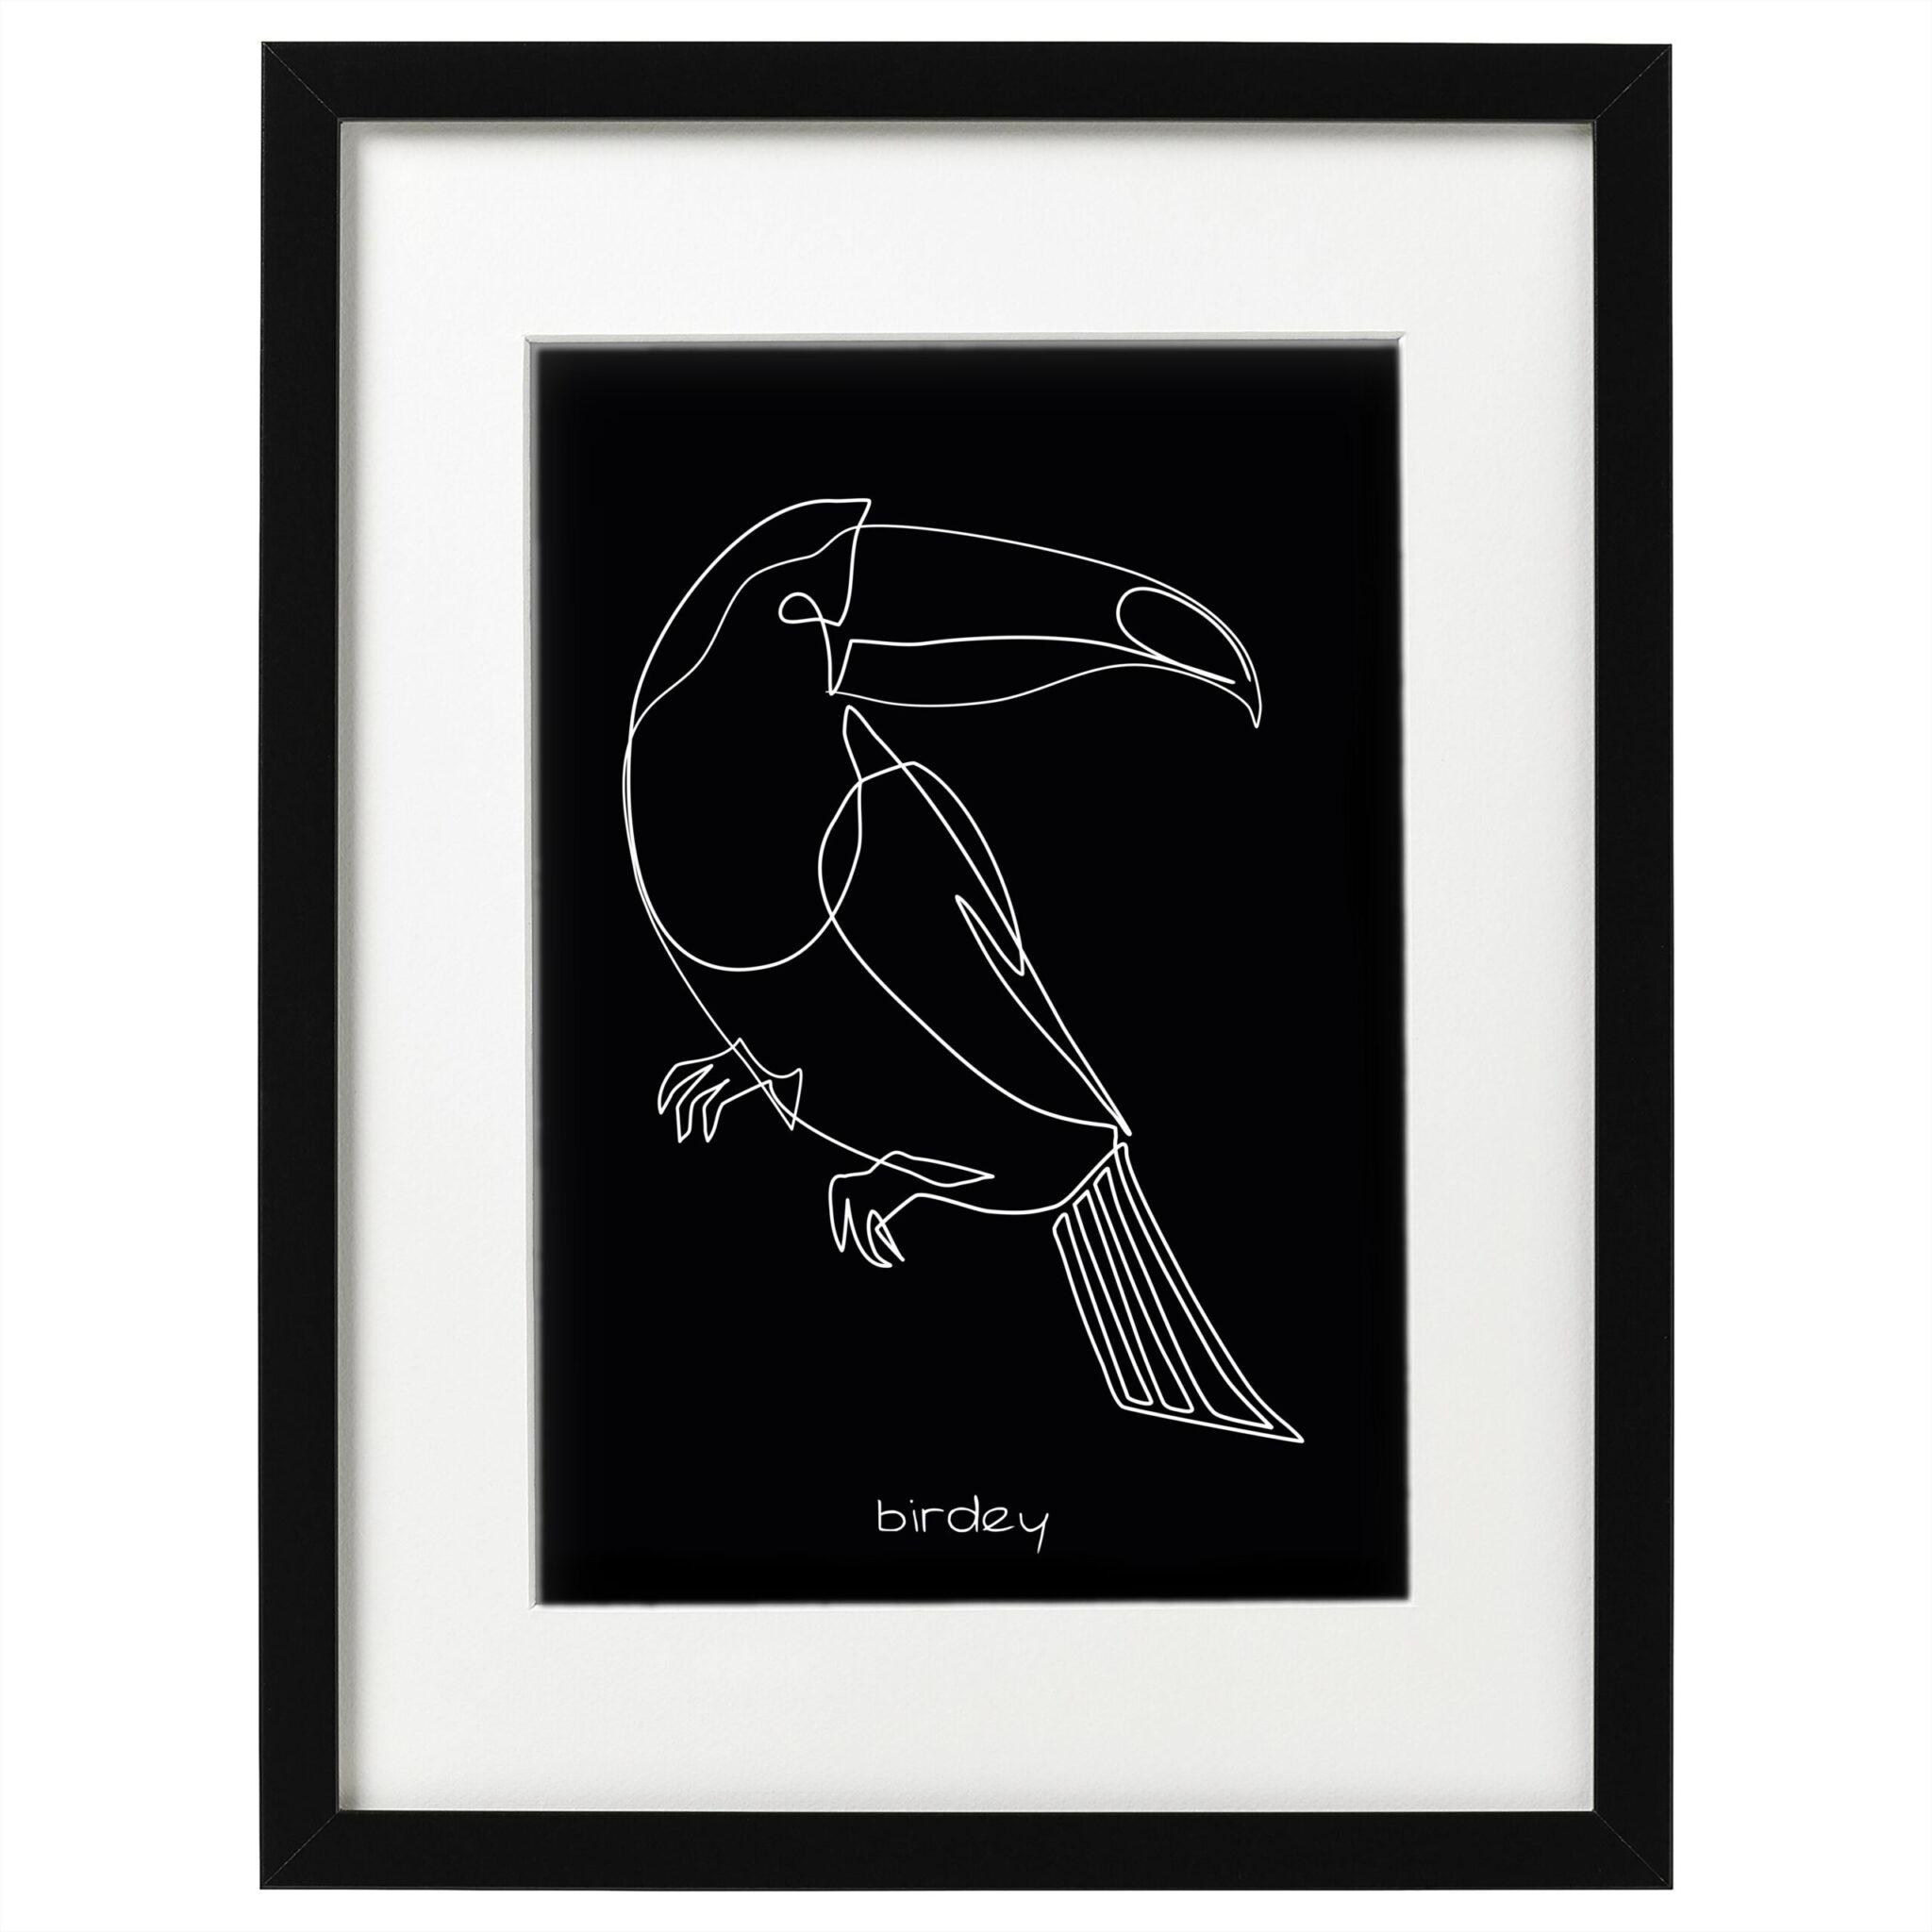 Image of art poster birdey - Schwarz - mit Text